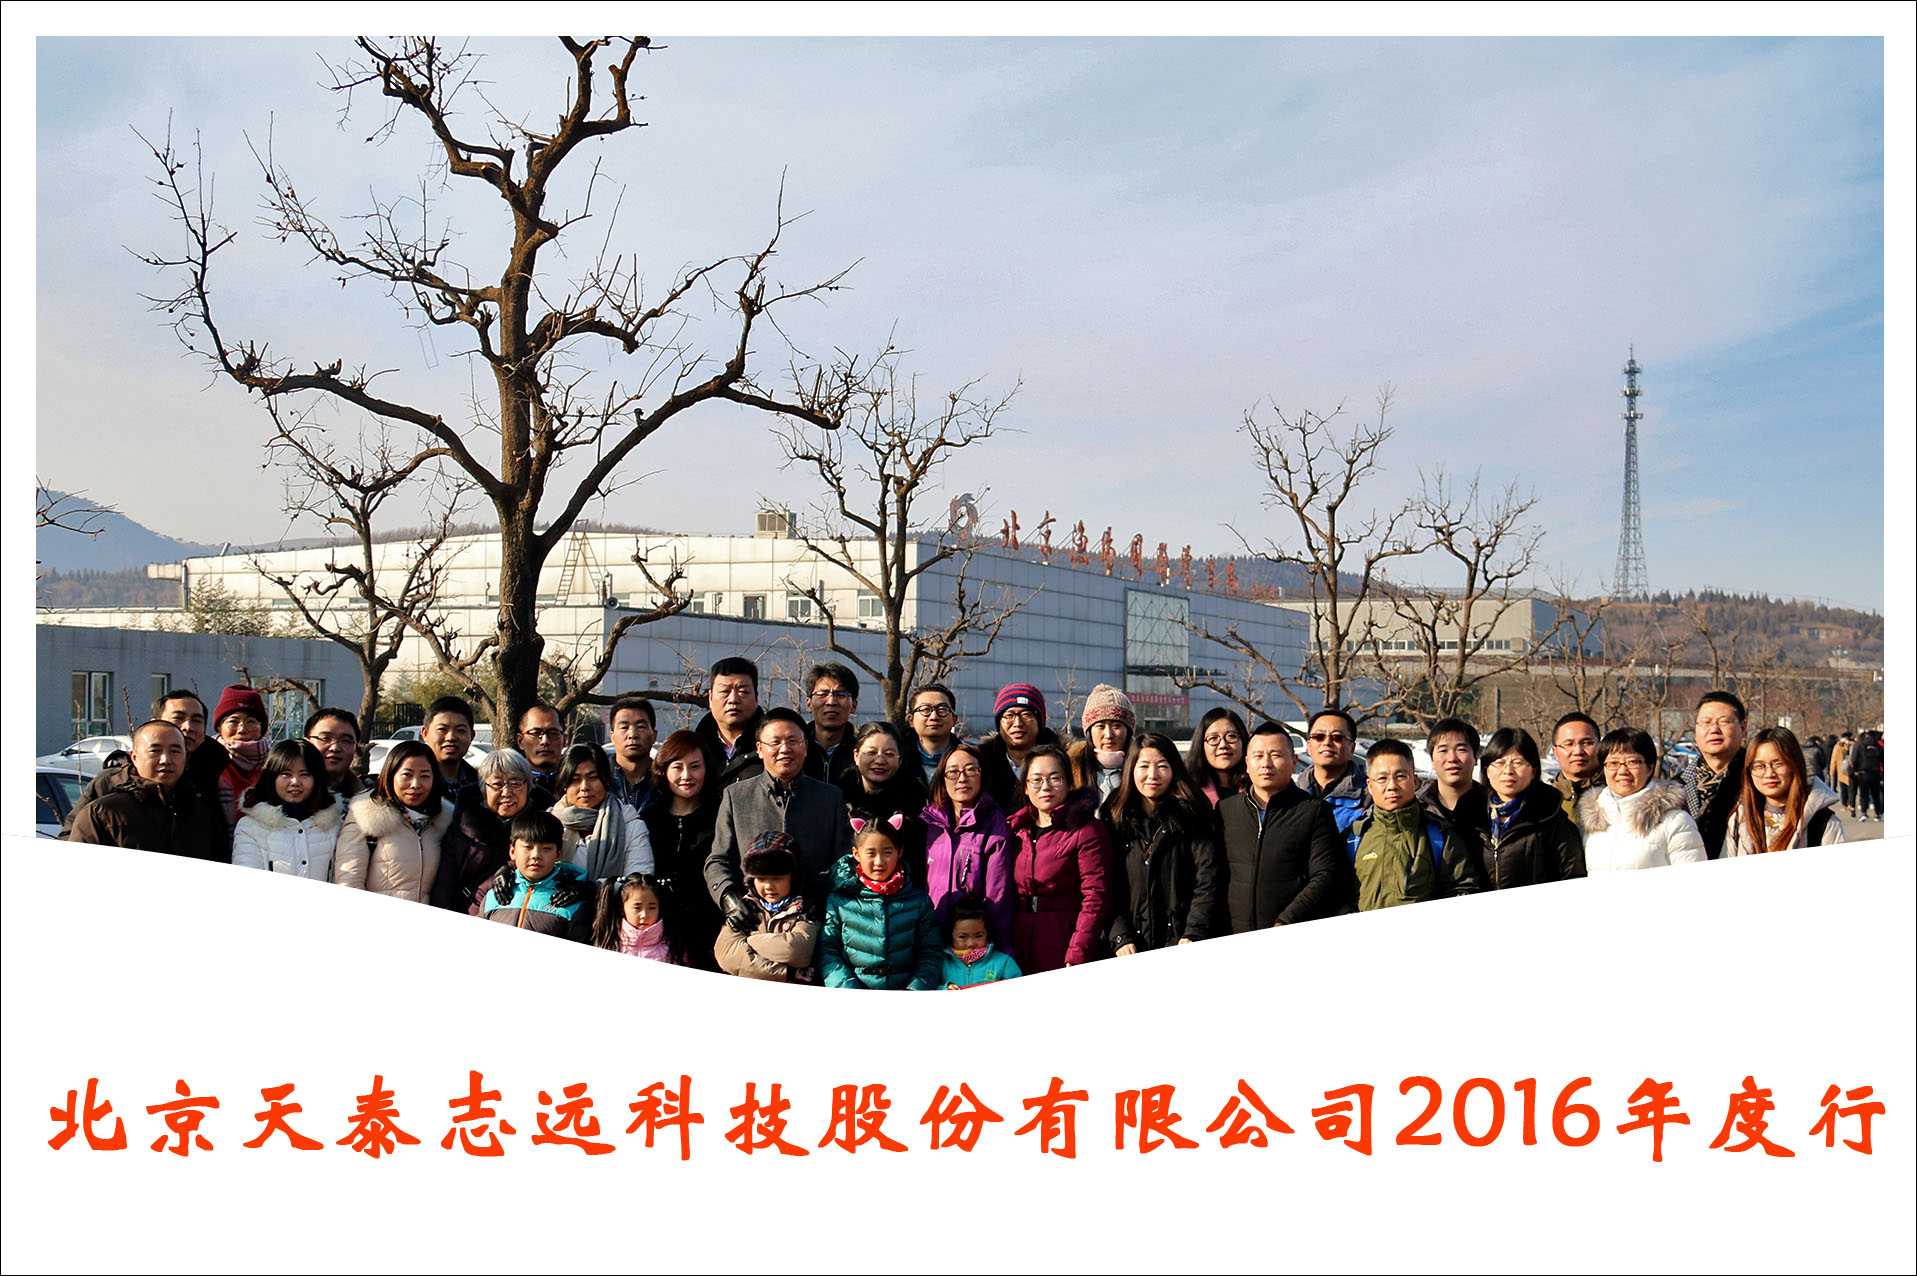 2016年会大合影